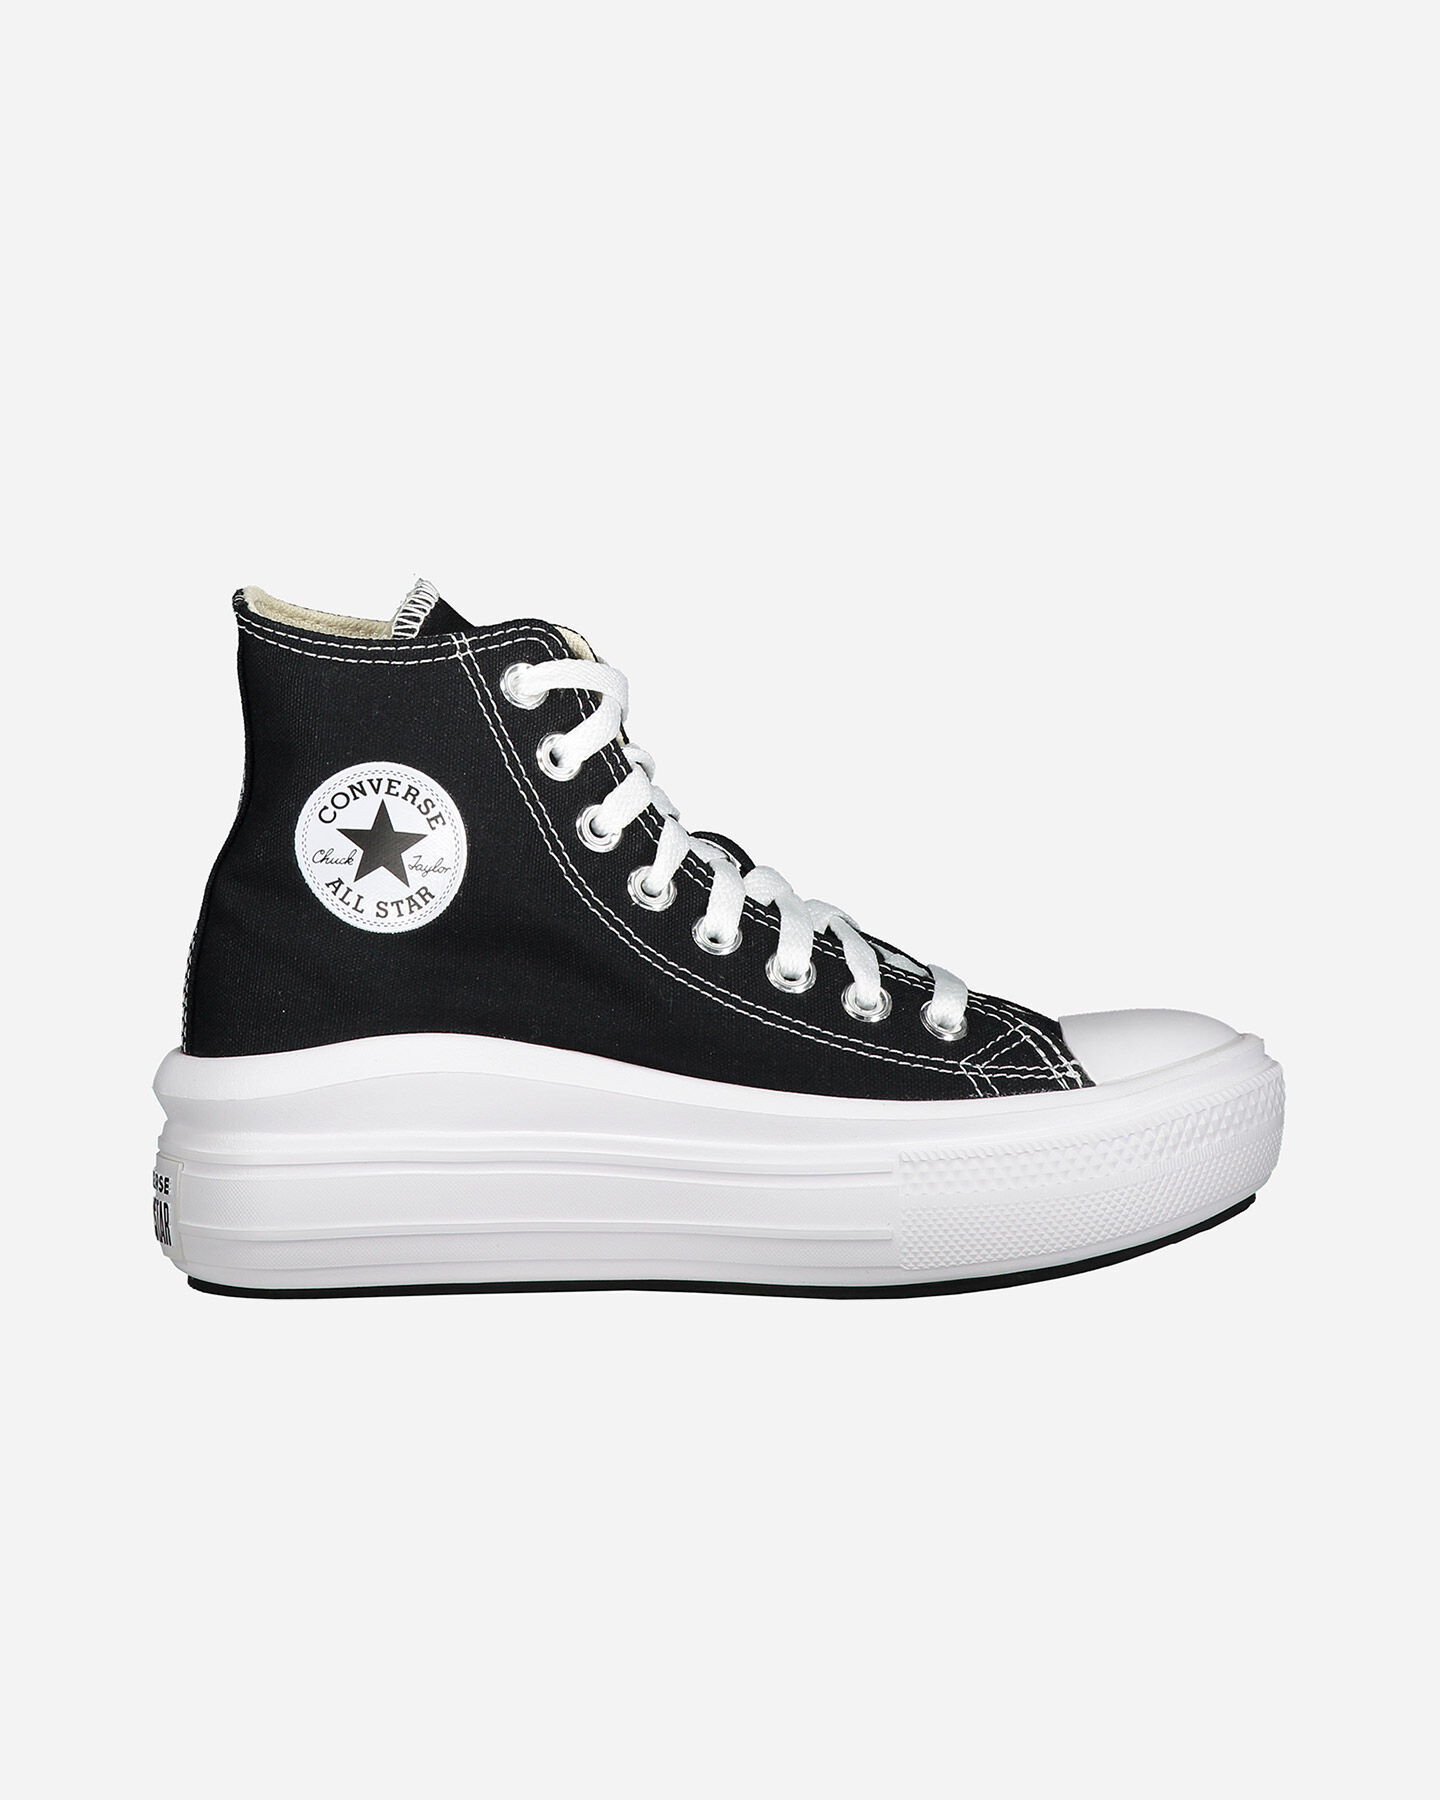 Scarpe sneakers CONVERSE CHUCK TAYLOR ALL STAR MOVE PLATFORM W S5231651 scatto 0